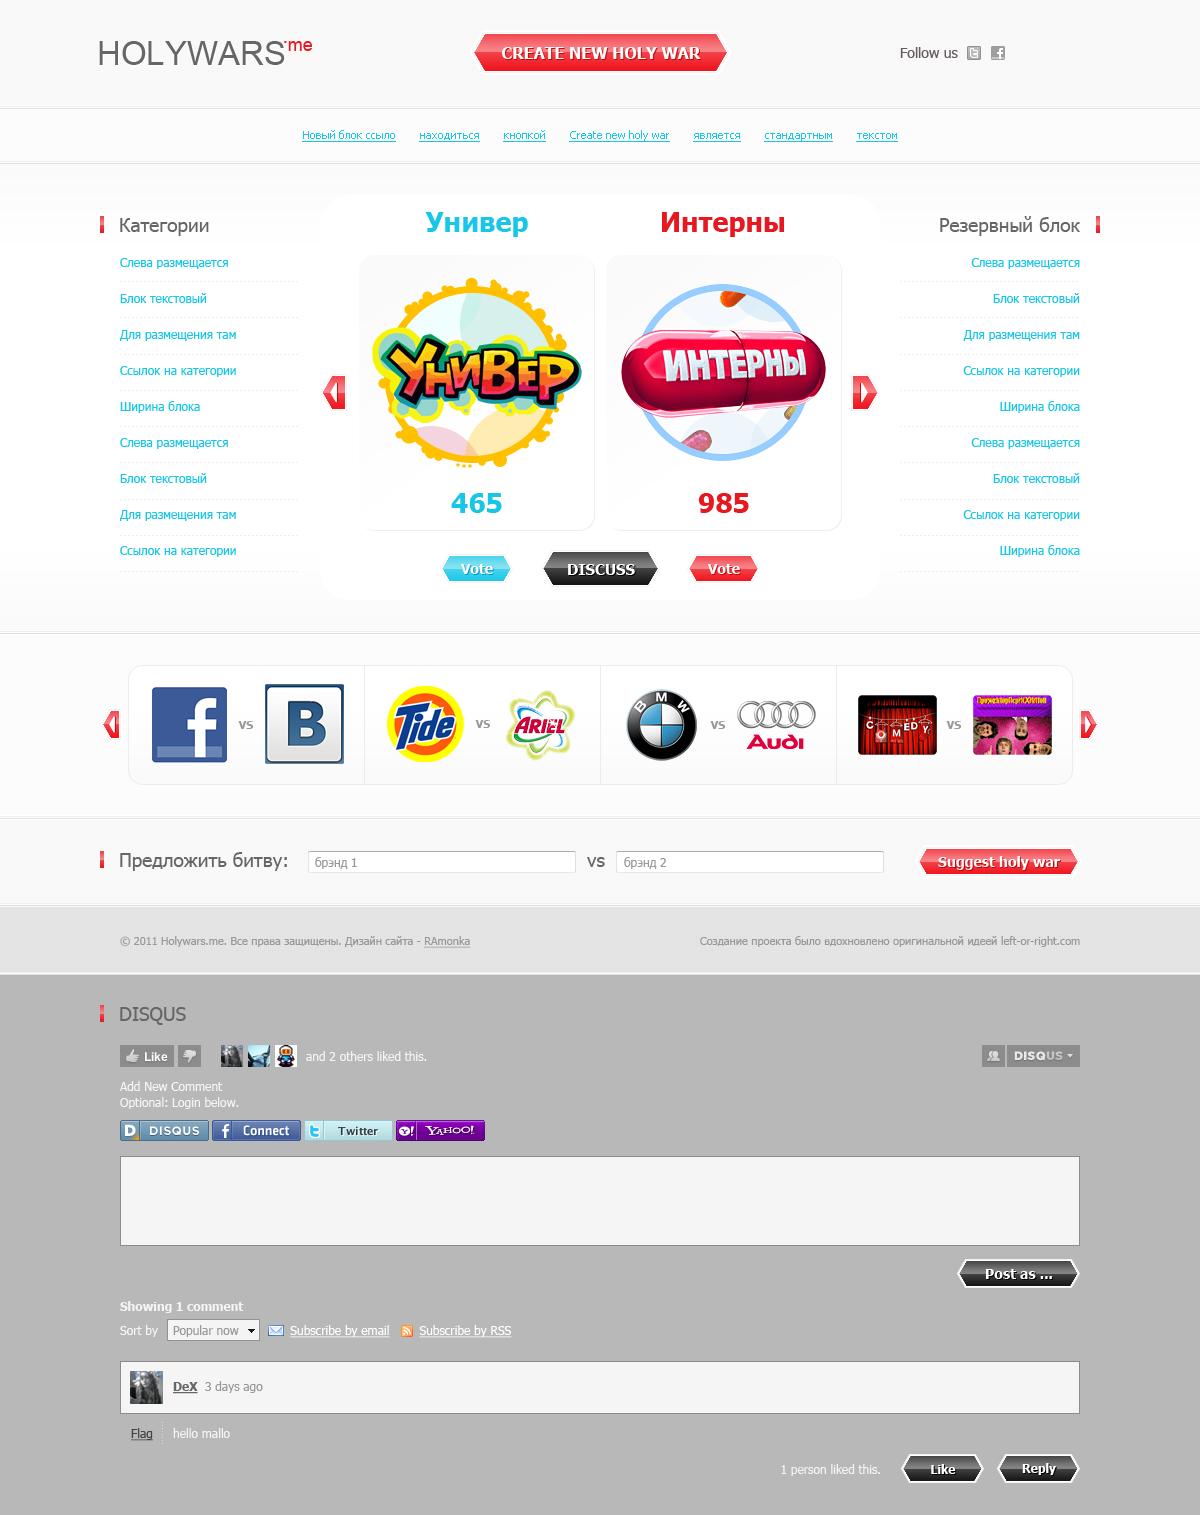 Веб Дизайн и его HTML верстка для сайта-голосовалки Holywars